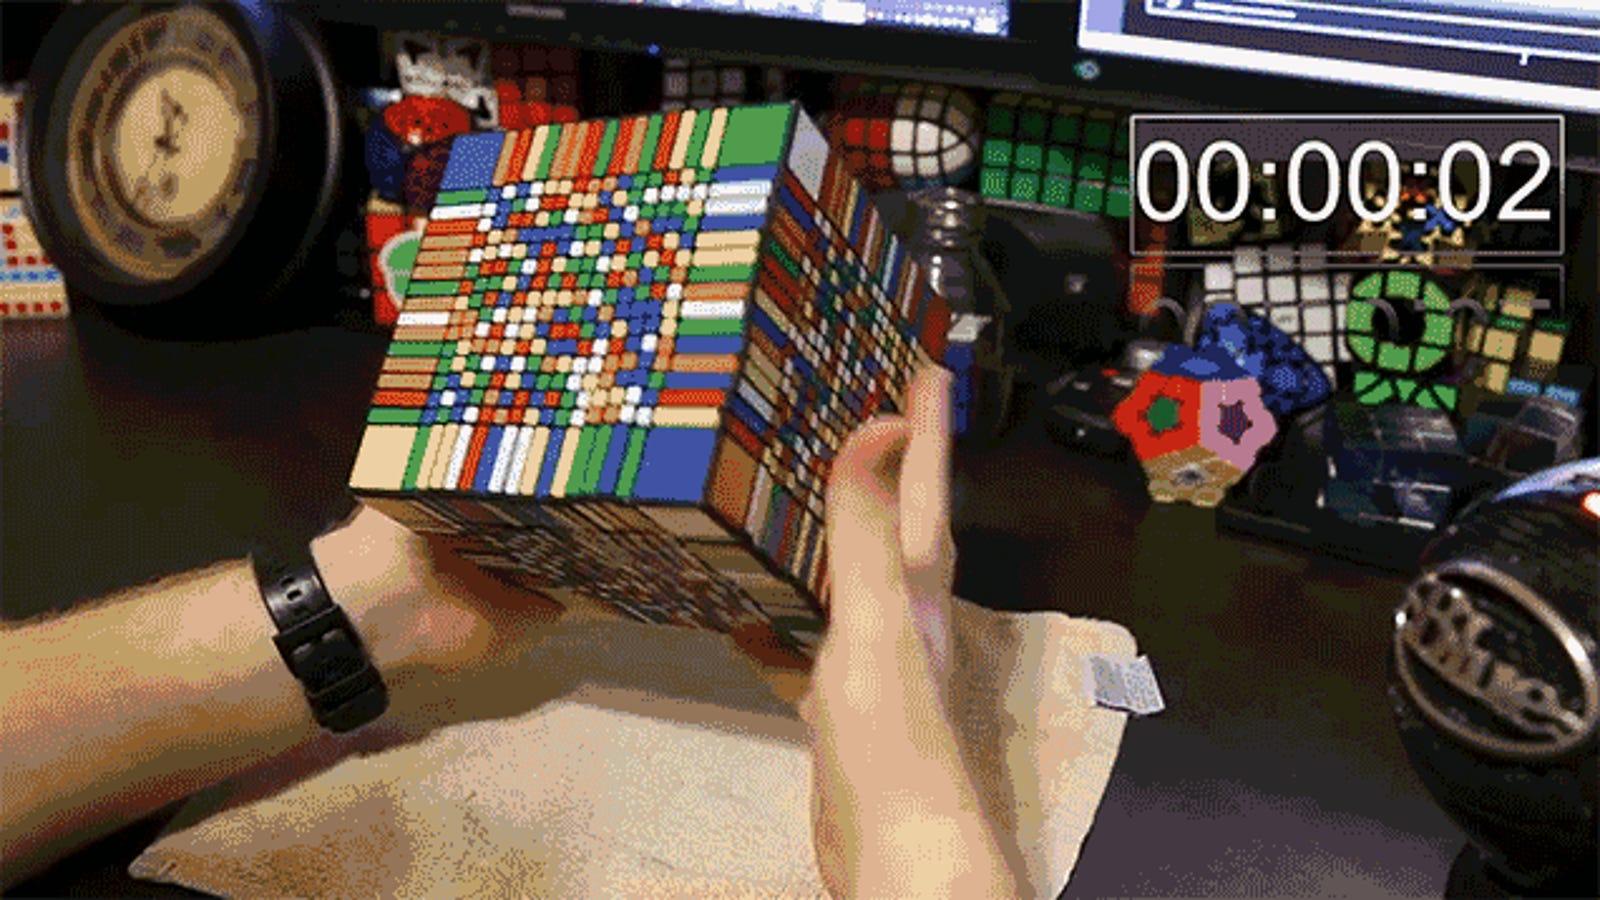 Resuelve en 7 horas y media el cubo Rubik más difícil del mundo